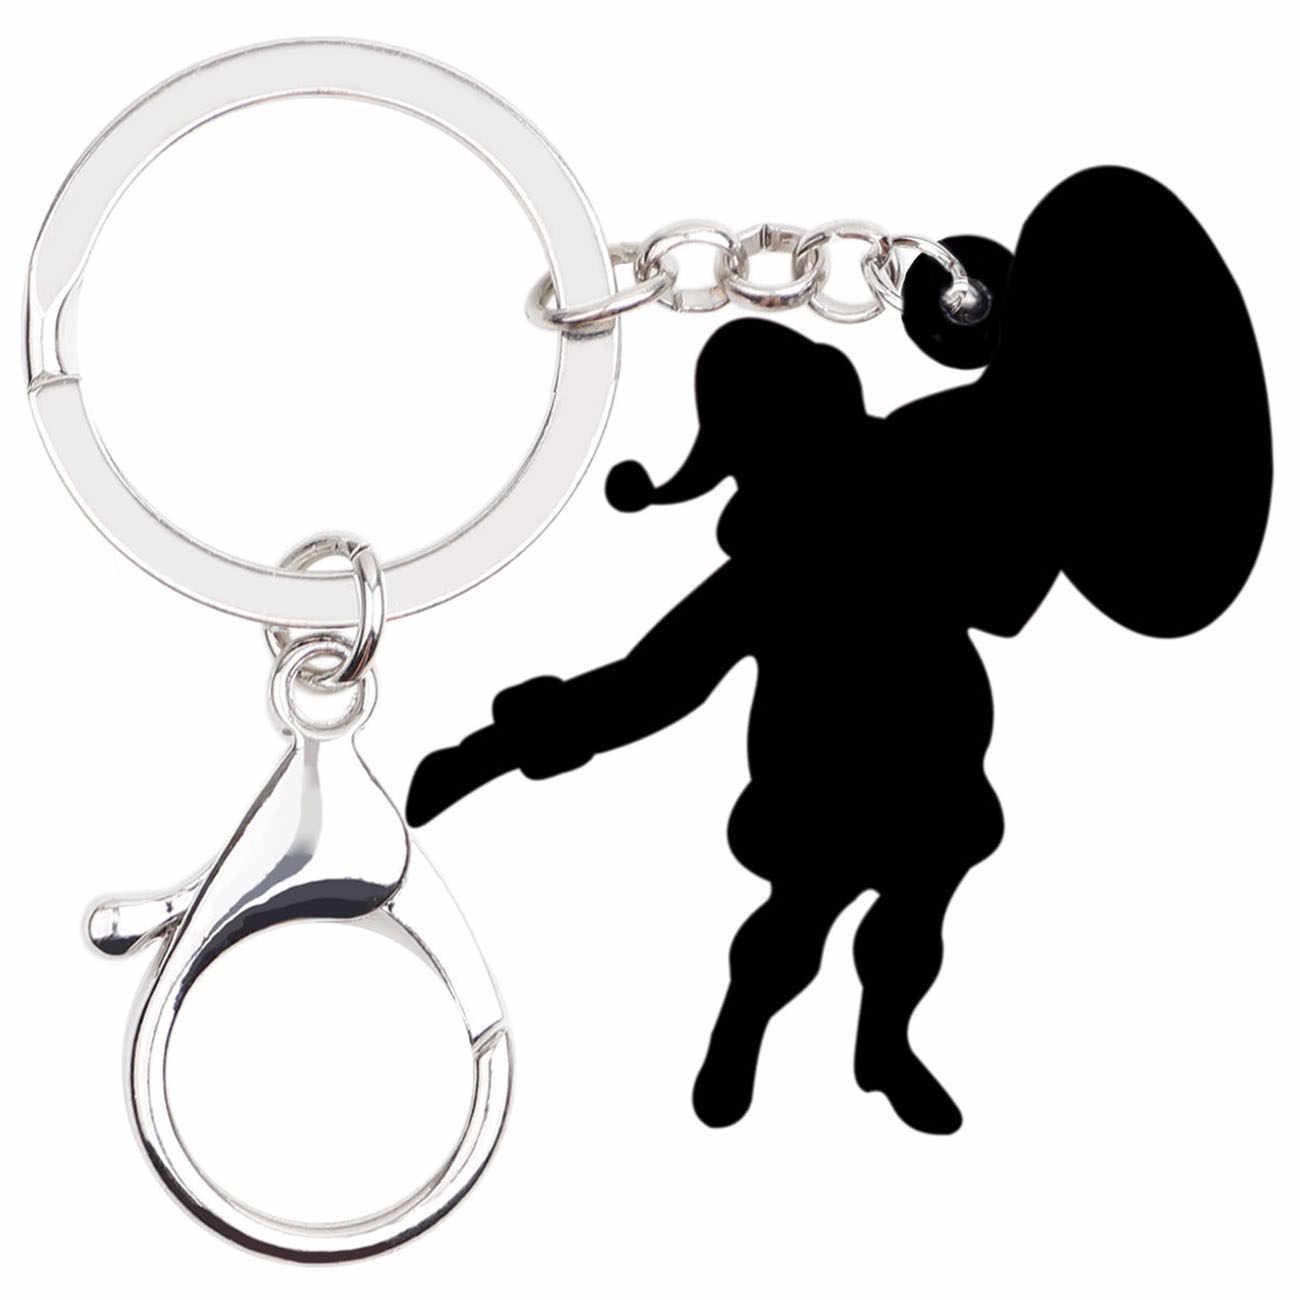 Bonsny akrylowe boże narodzenie święty mikołaj transmisji breloczki breloki pierścienie torebka samochód wisiorek – biżuteria dla kobiet dziewczyna prezent dla mężczyzny luzem